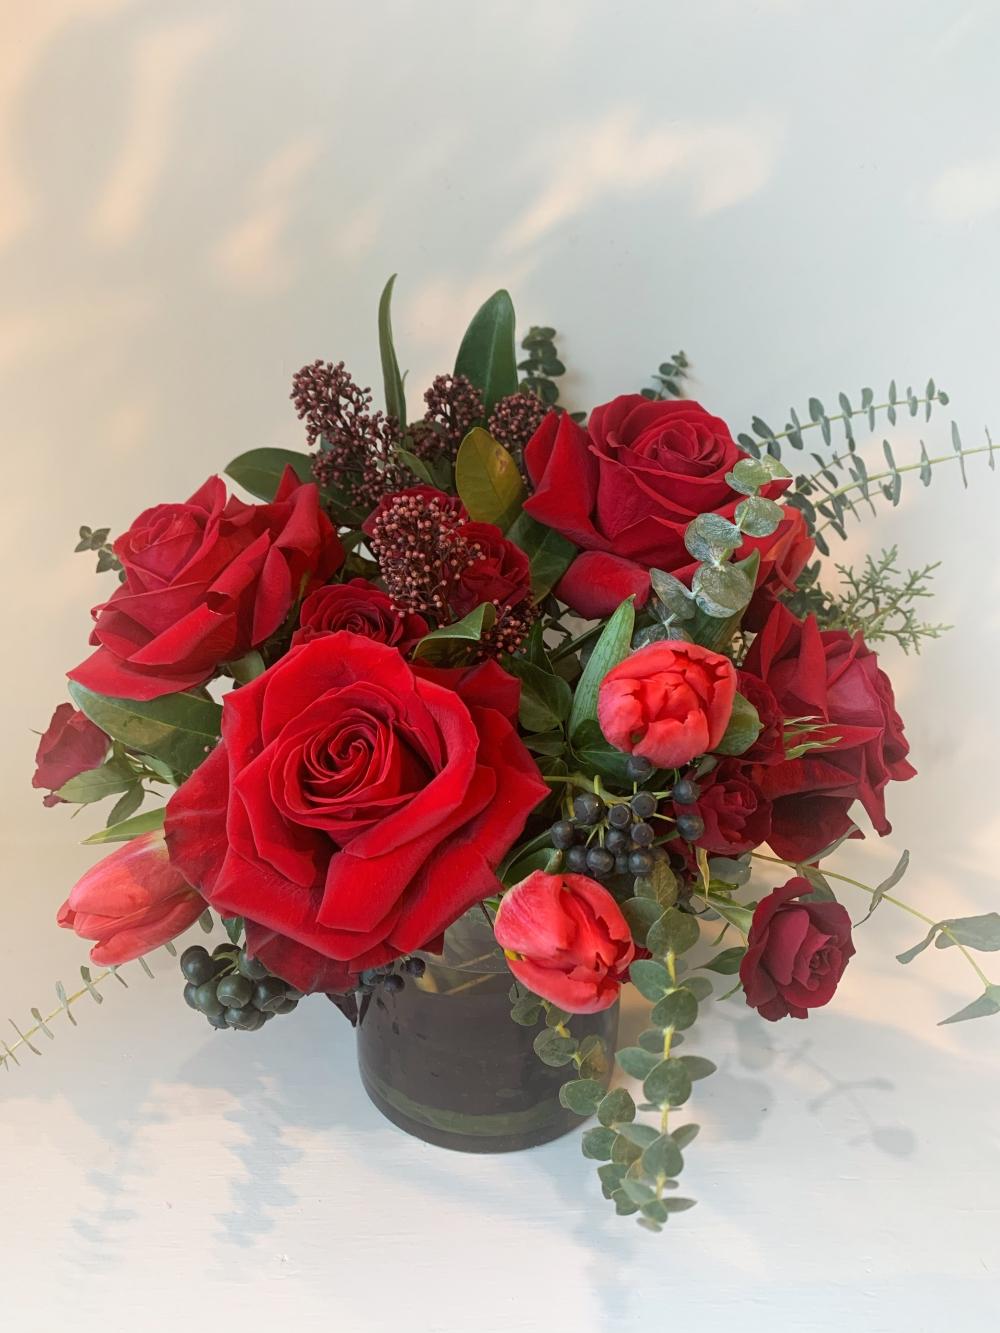 Saint-Valentin: Le rouge romantique # 7